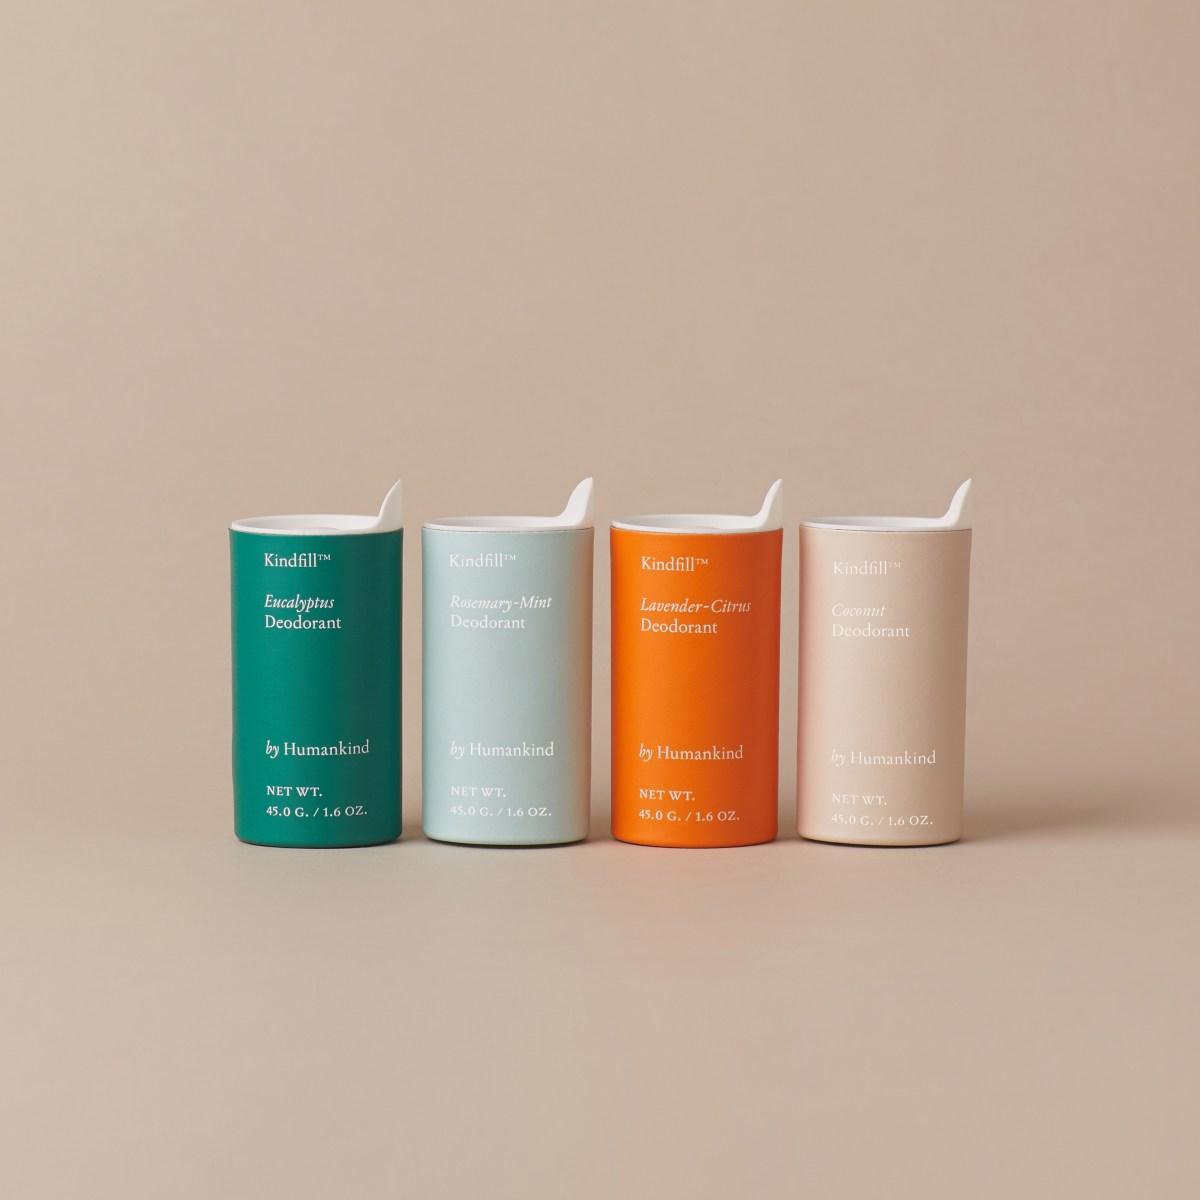 Example of printed packaging